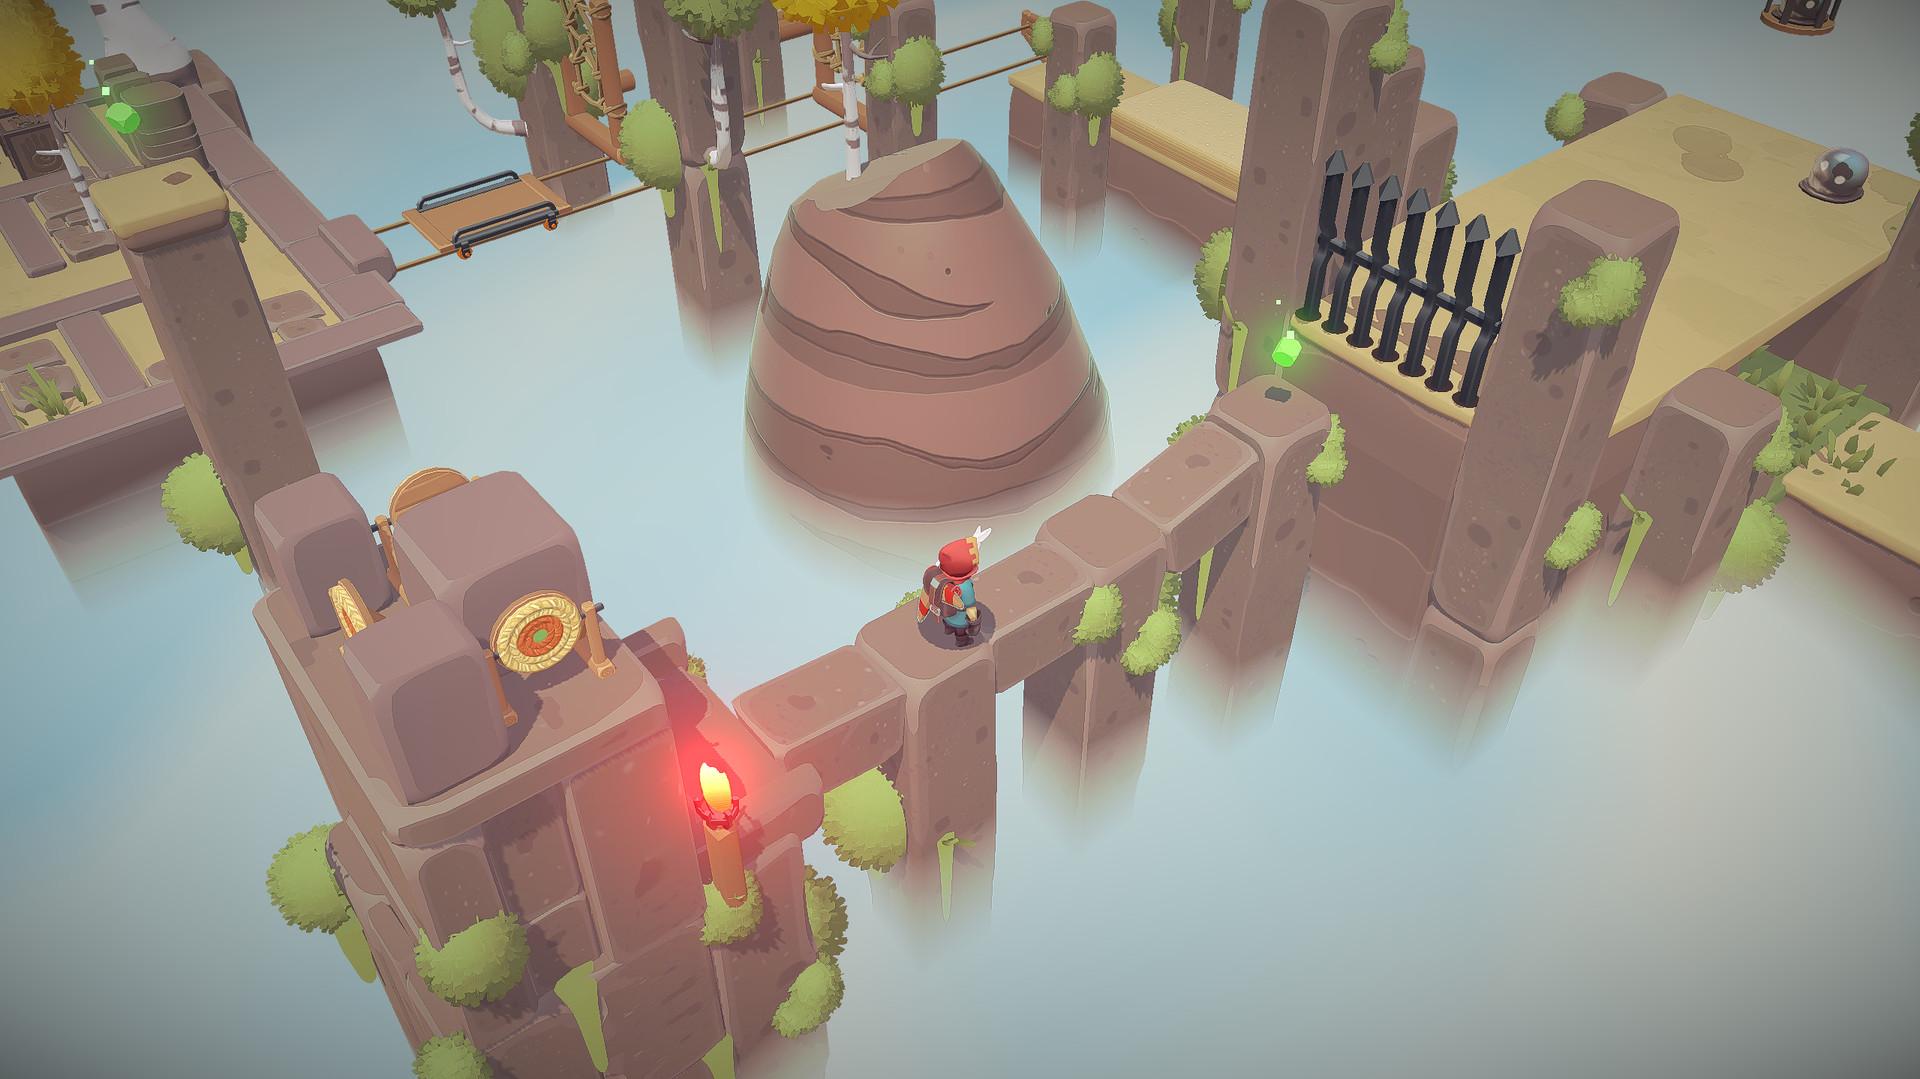 Для Switch и ПК анонсирован сюжетный платформер-головоломка The Lightbringer